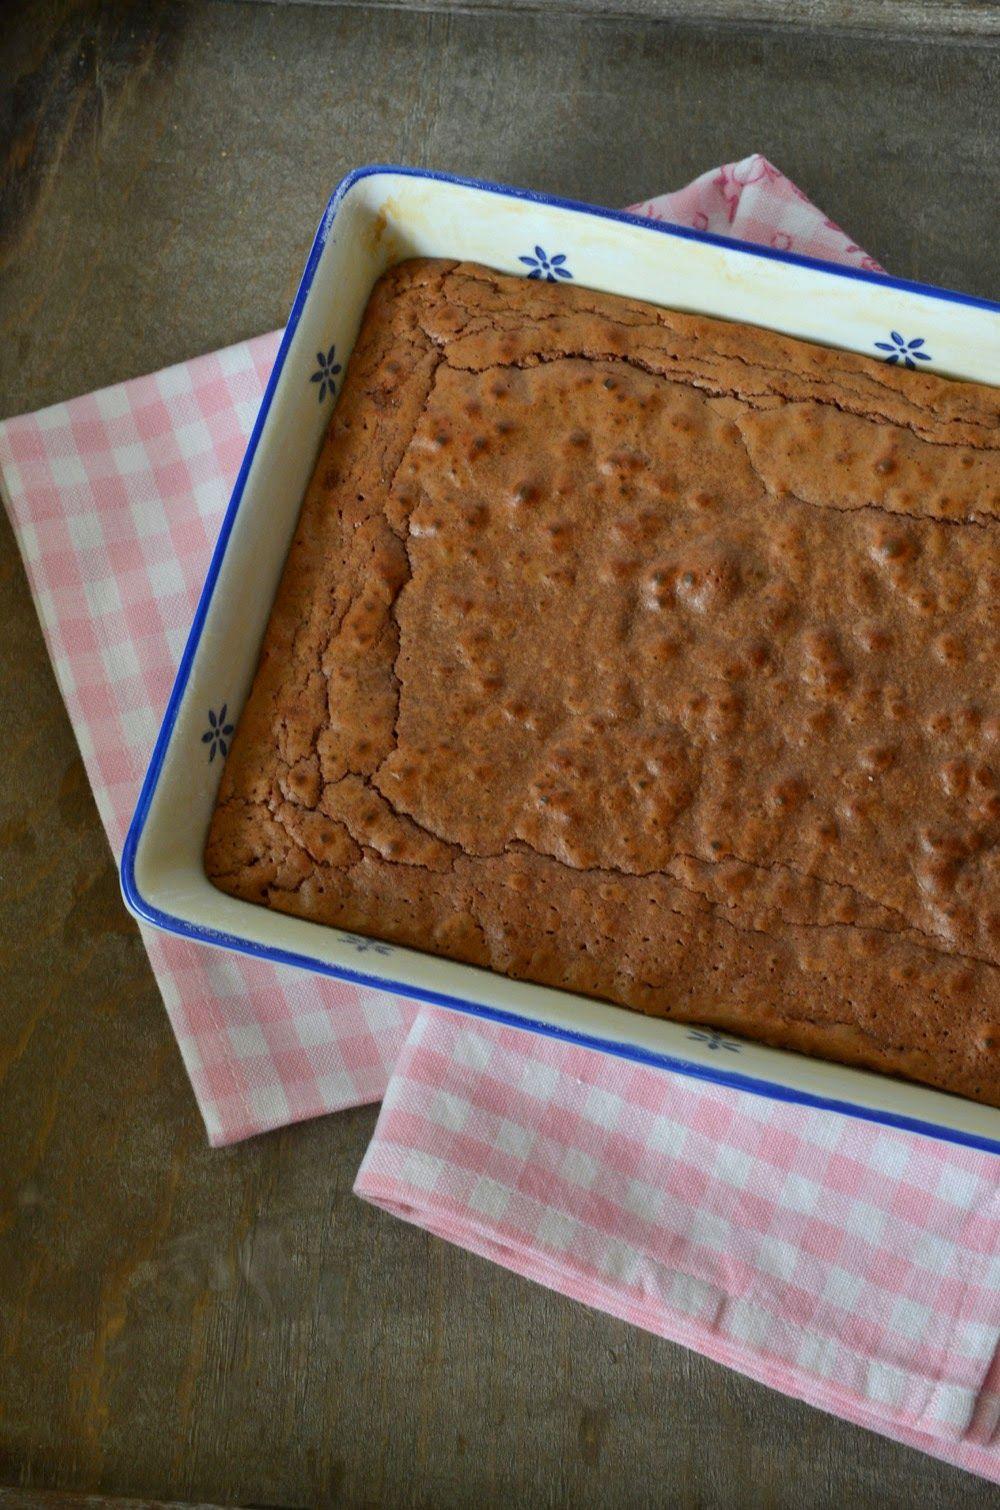 Kennt Ihr schon den schnellsten Schokoladenkuchen der Welt? Den habe ich im bezaubernden Blog EmmaBee entdeckt und musste ihn sofort...